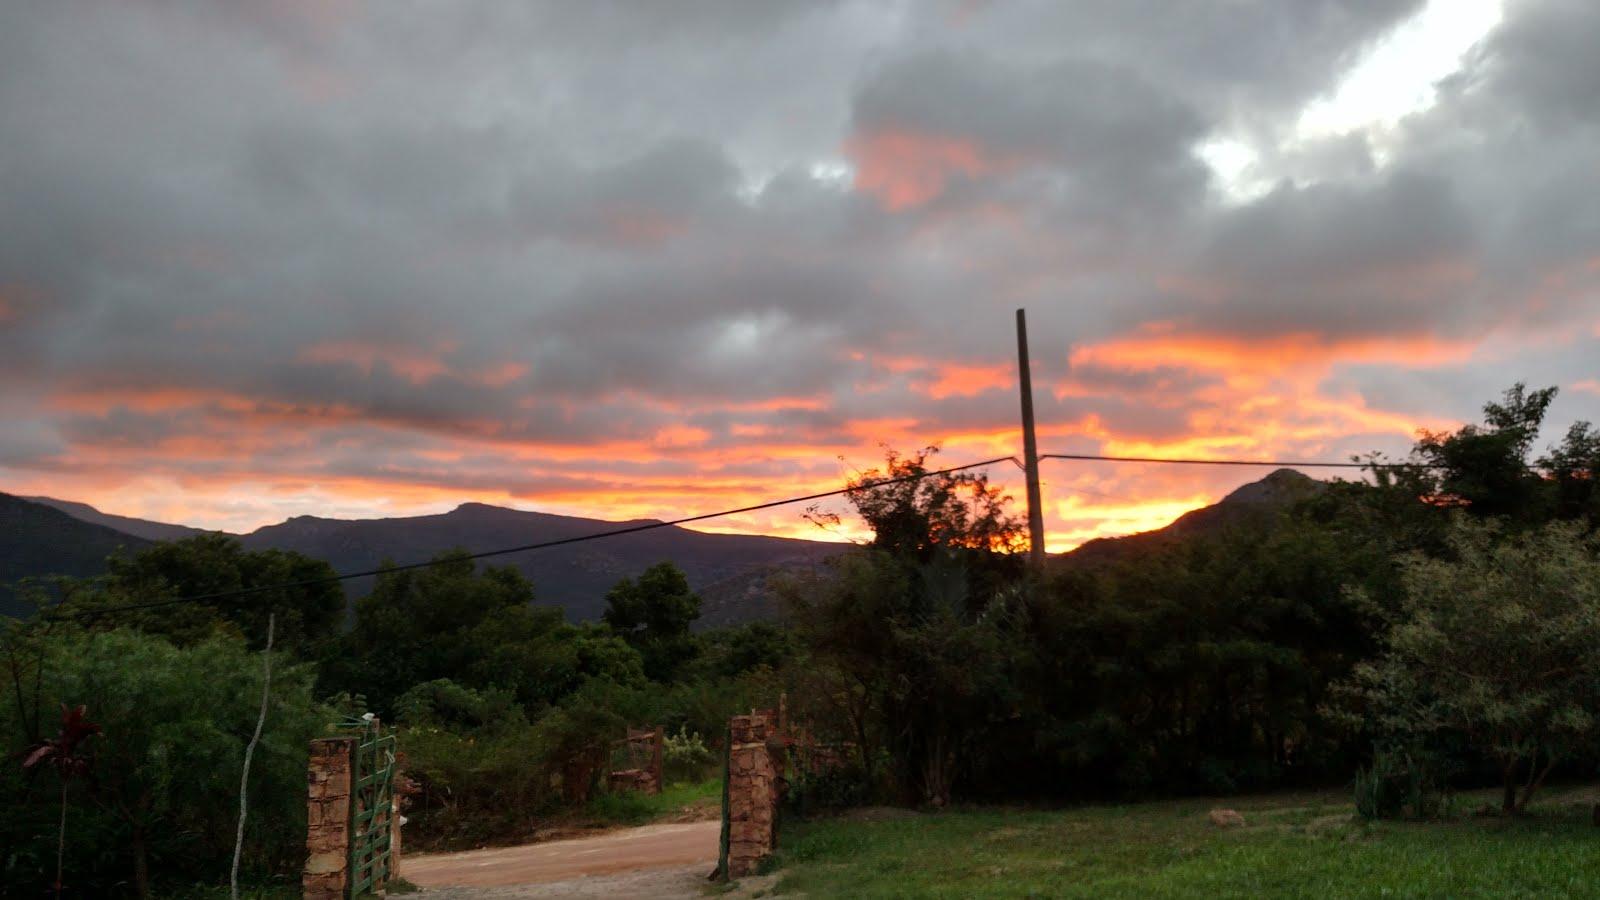 Venha desfrutar do mais belo pôr do sol!